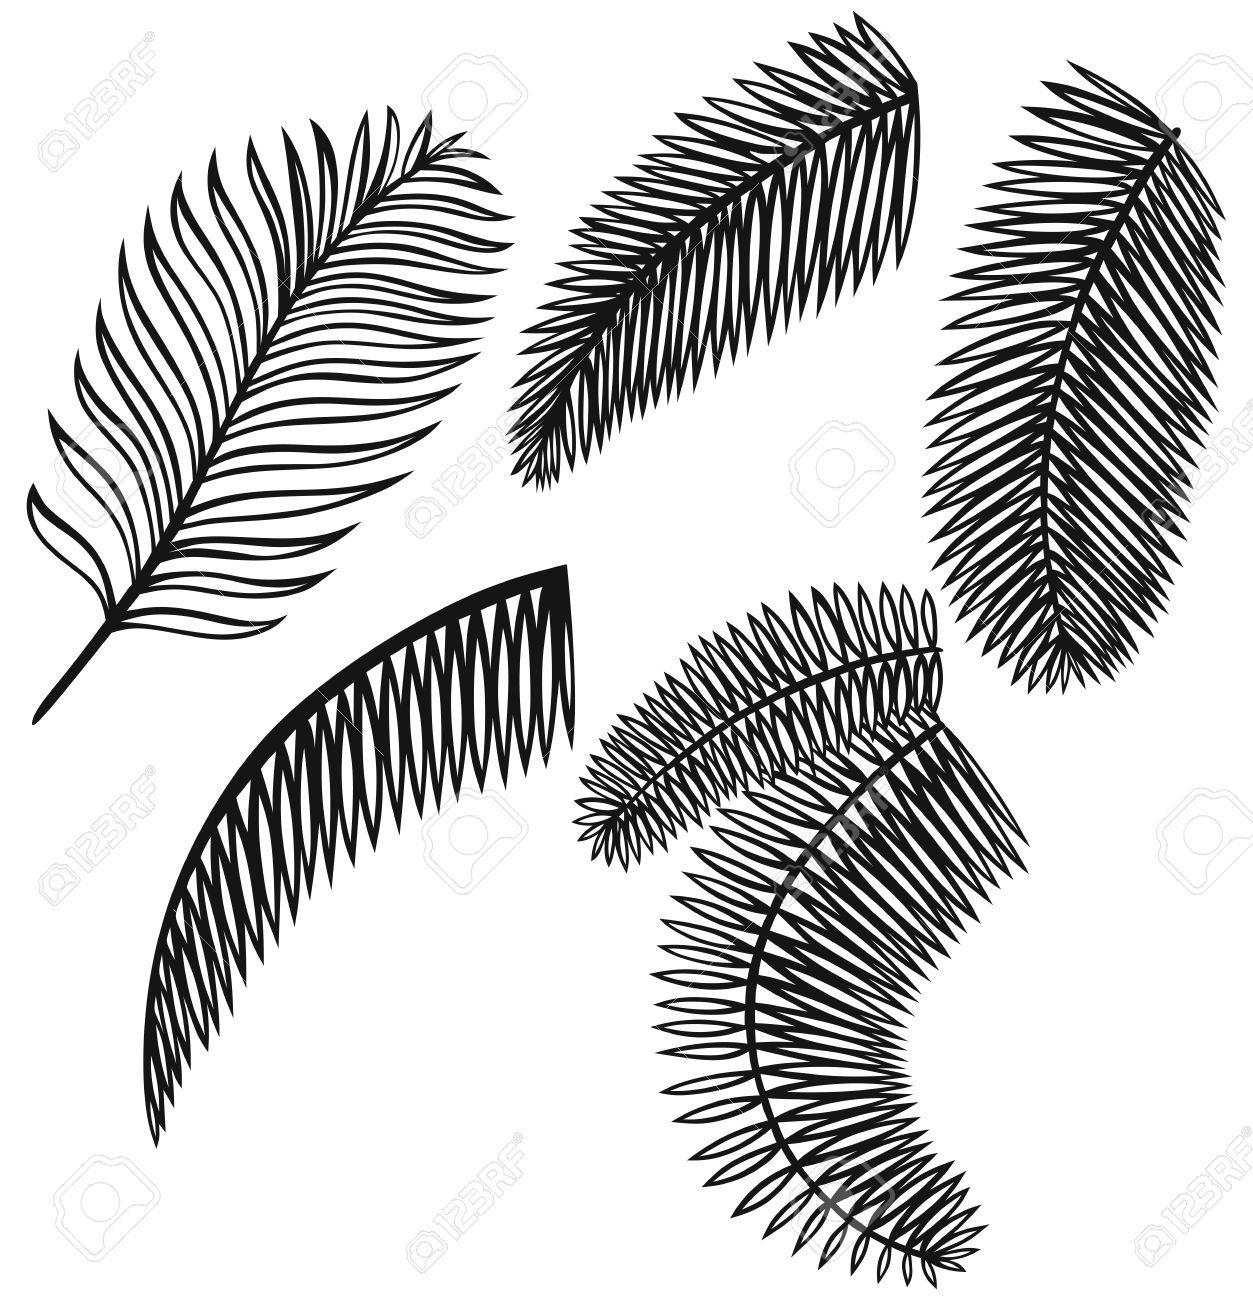 Palmier dessin ensemble de feuilles de palmier isol sur - Palmier dessin ...